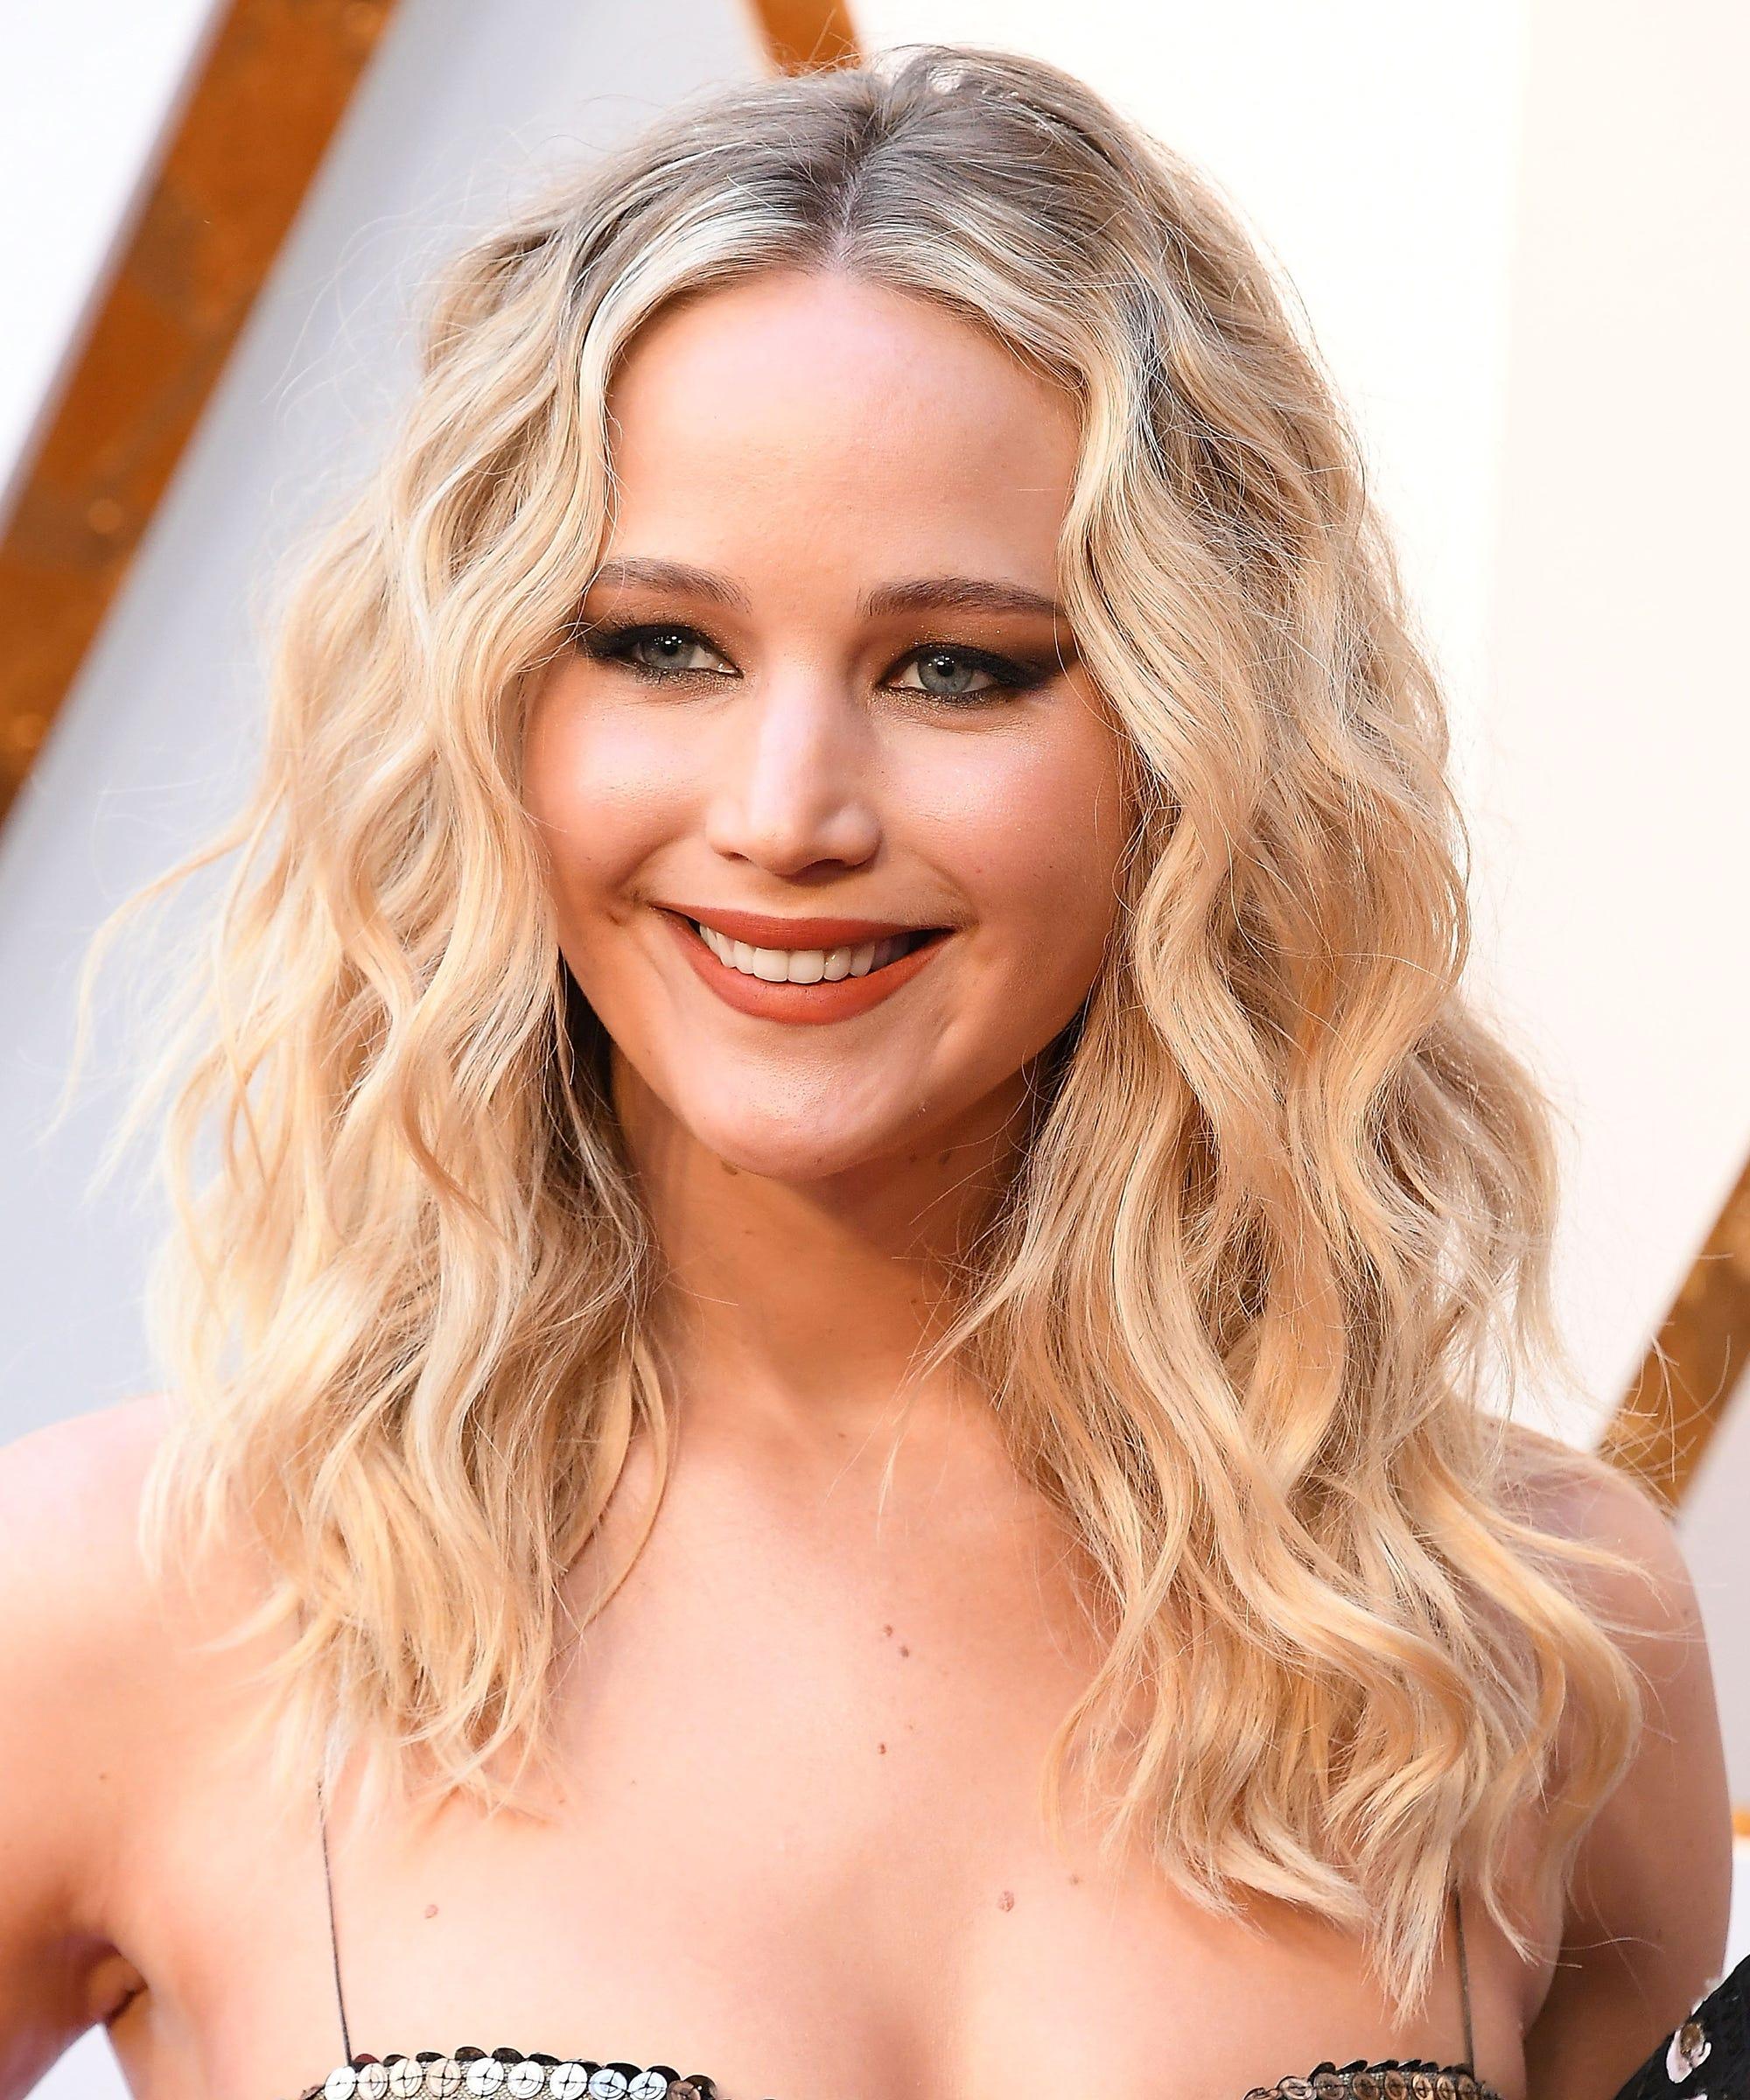 Jennifer Lawrence's New Fiancé Sounds Very Cool